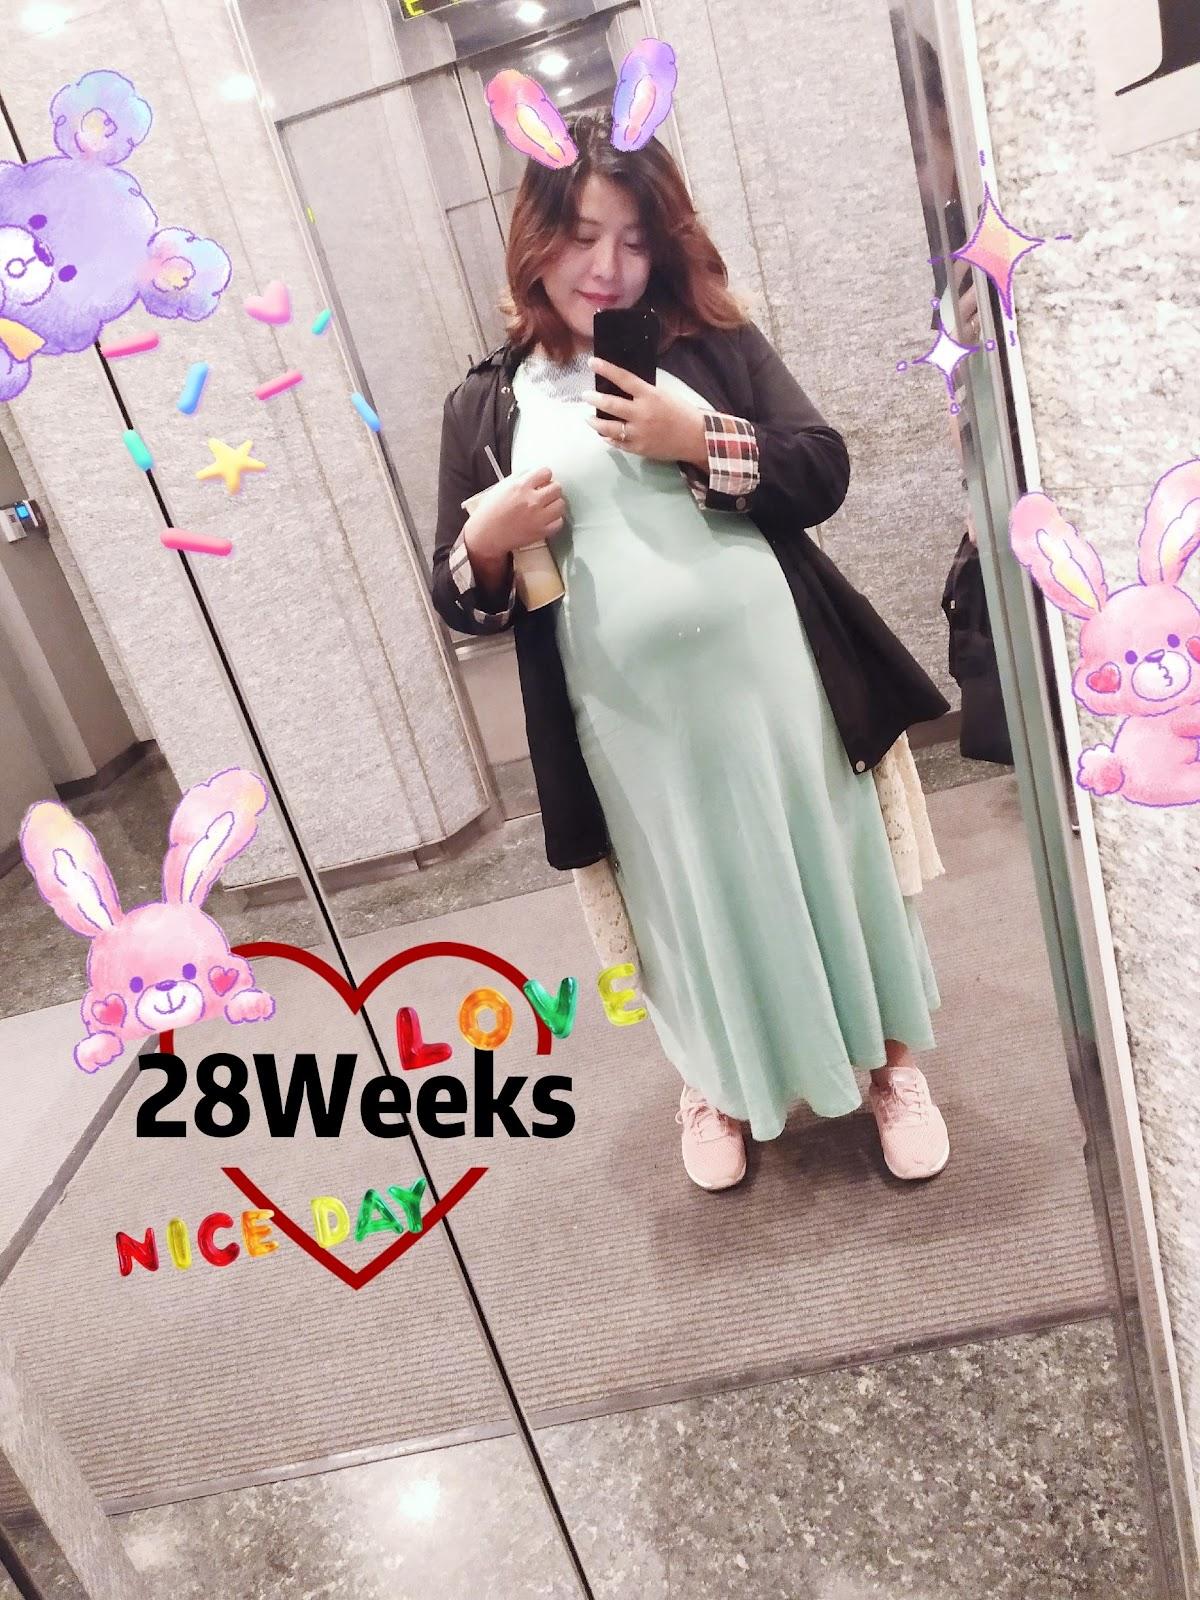 [懷孕28週]寶寶大腿骨比較短,孕期總是擔心不完的媽咪